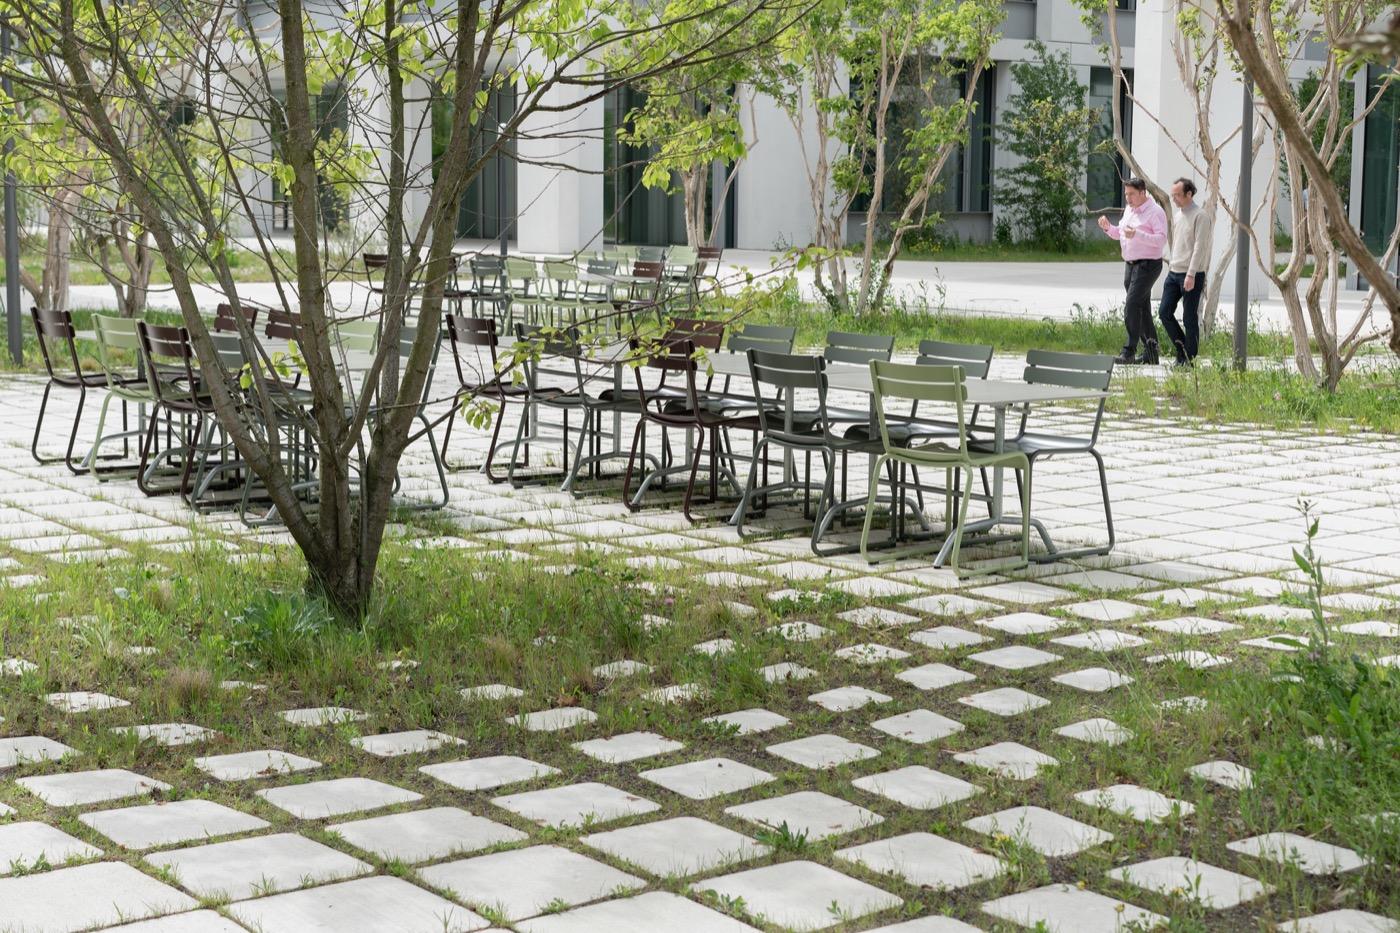 Roche Campus Kaiseraugst Landezine International Landscape Award Lila En 2020 Amenagement Paysager Parc Urbain Espace Public